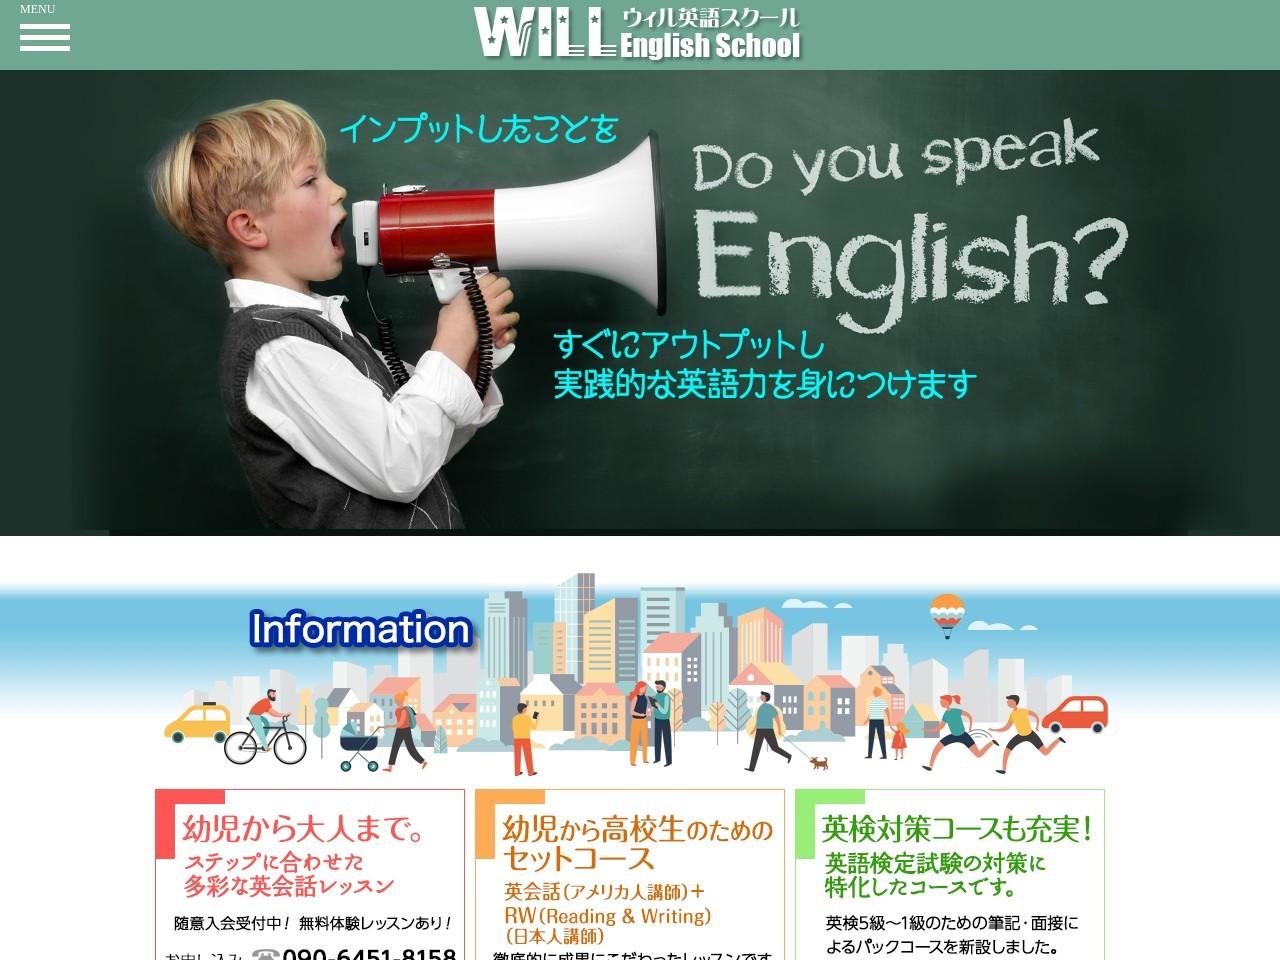 ウィル英語スクール